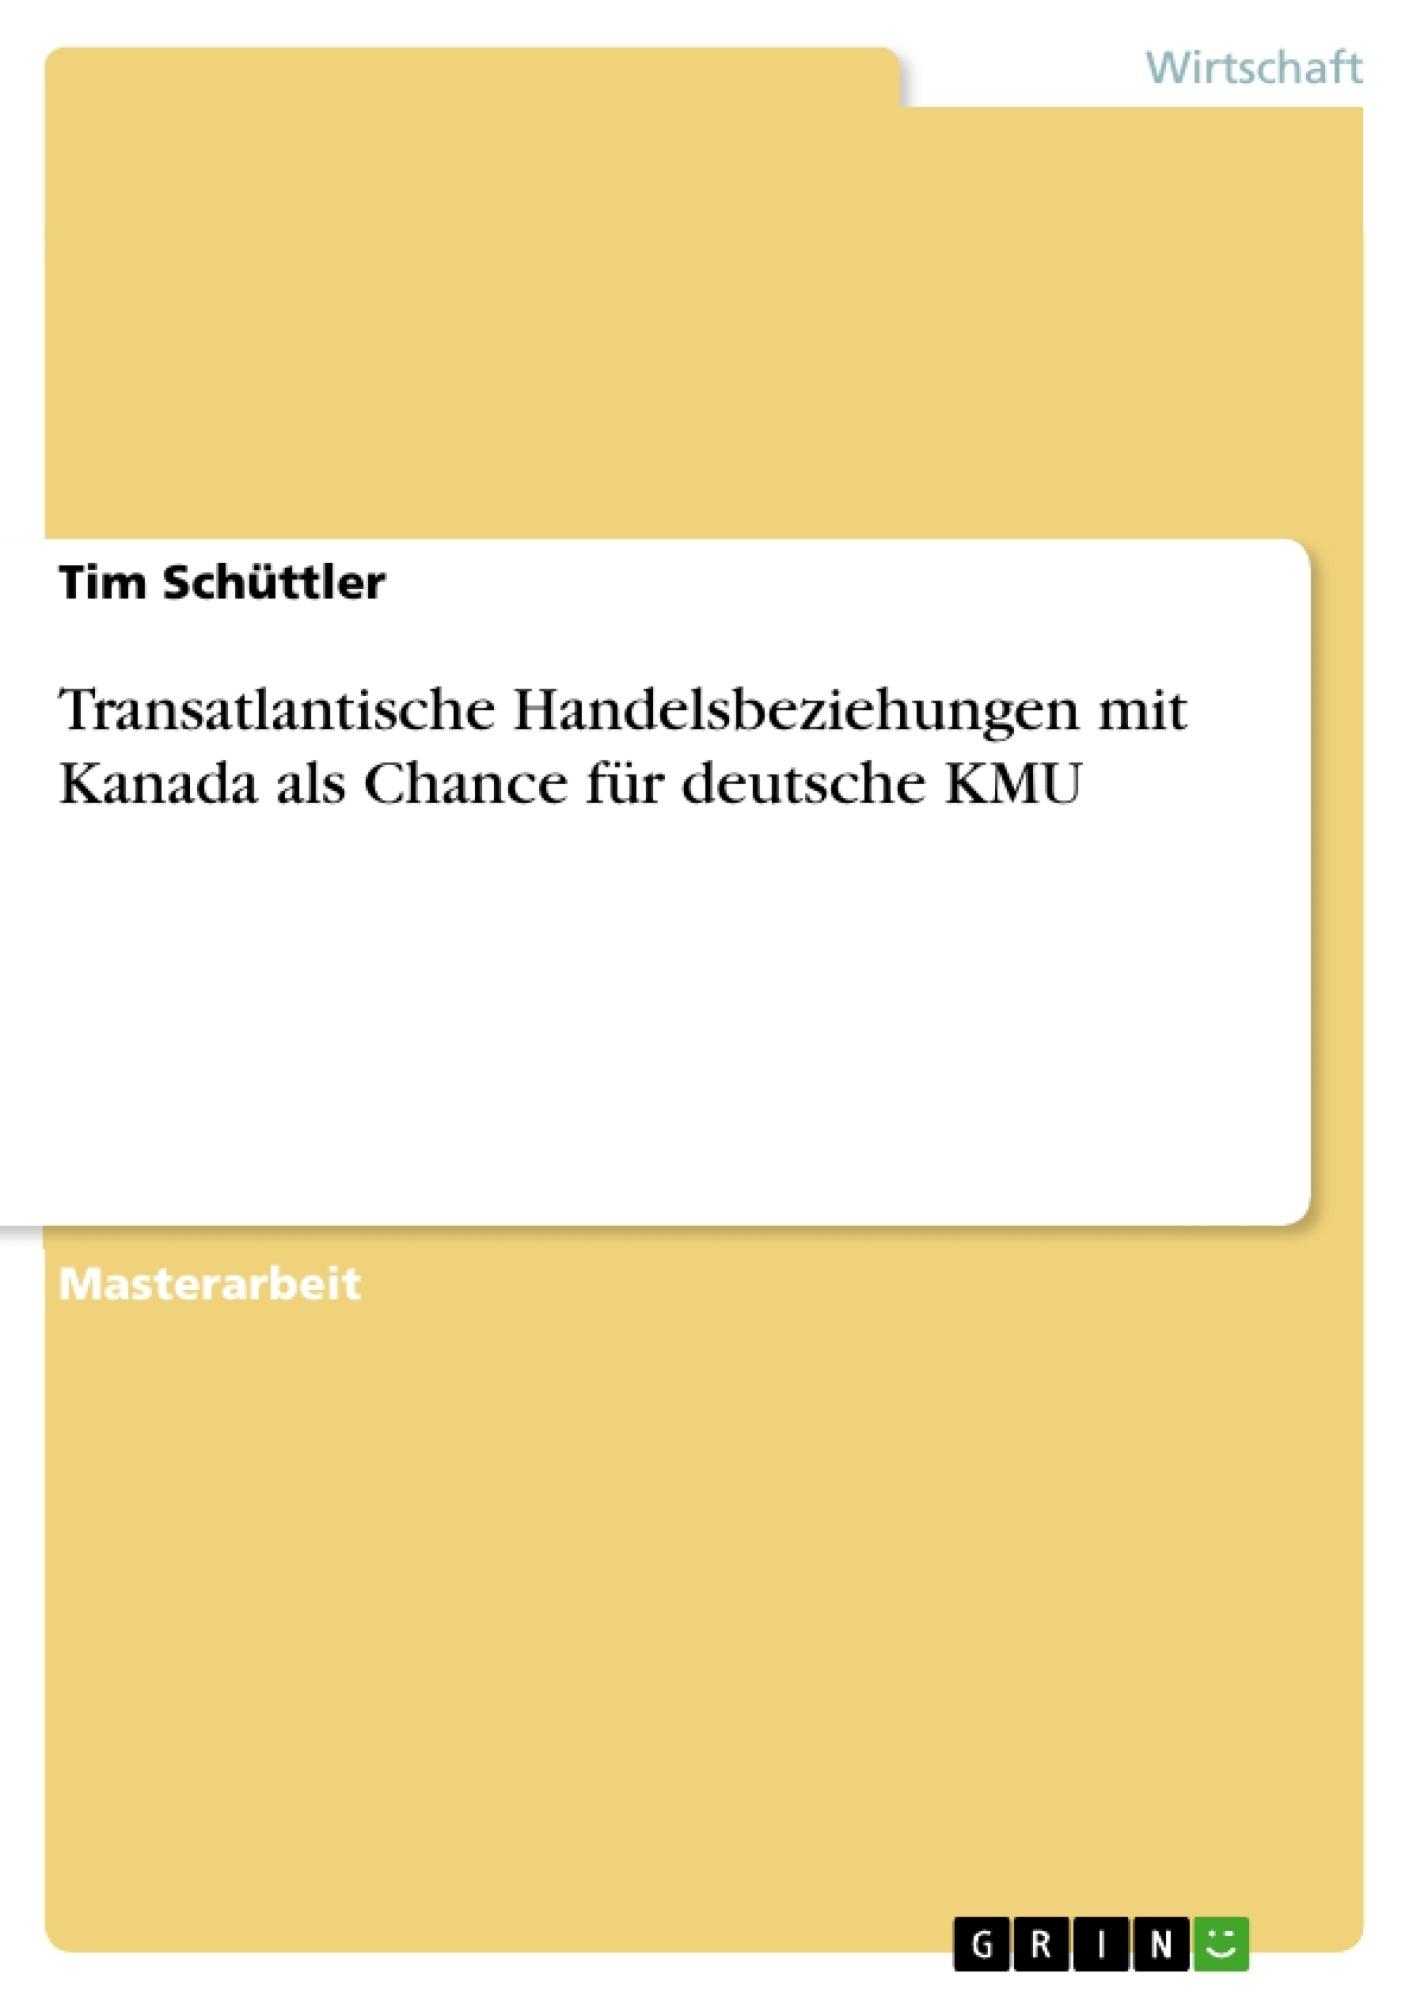 Titel: Transatlantische Handelsbeziehungen mit Kanada als Chance für deutsche KMU